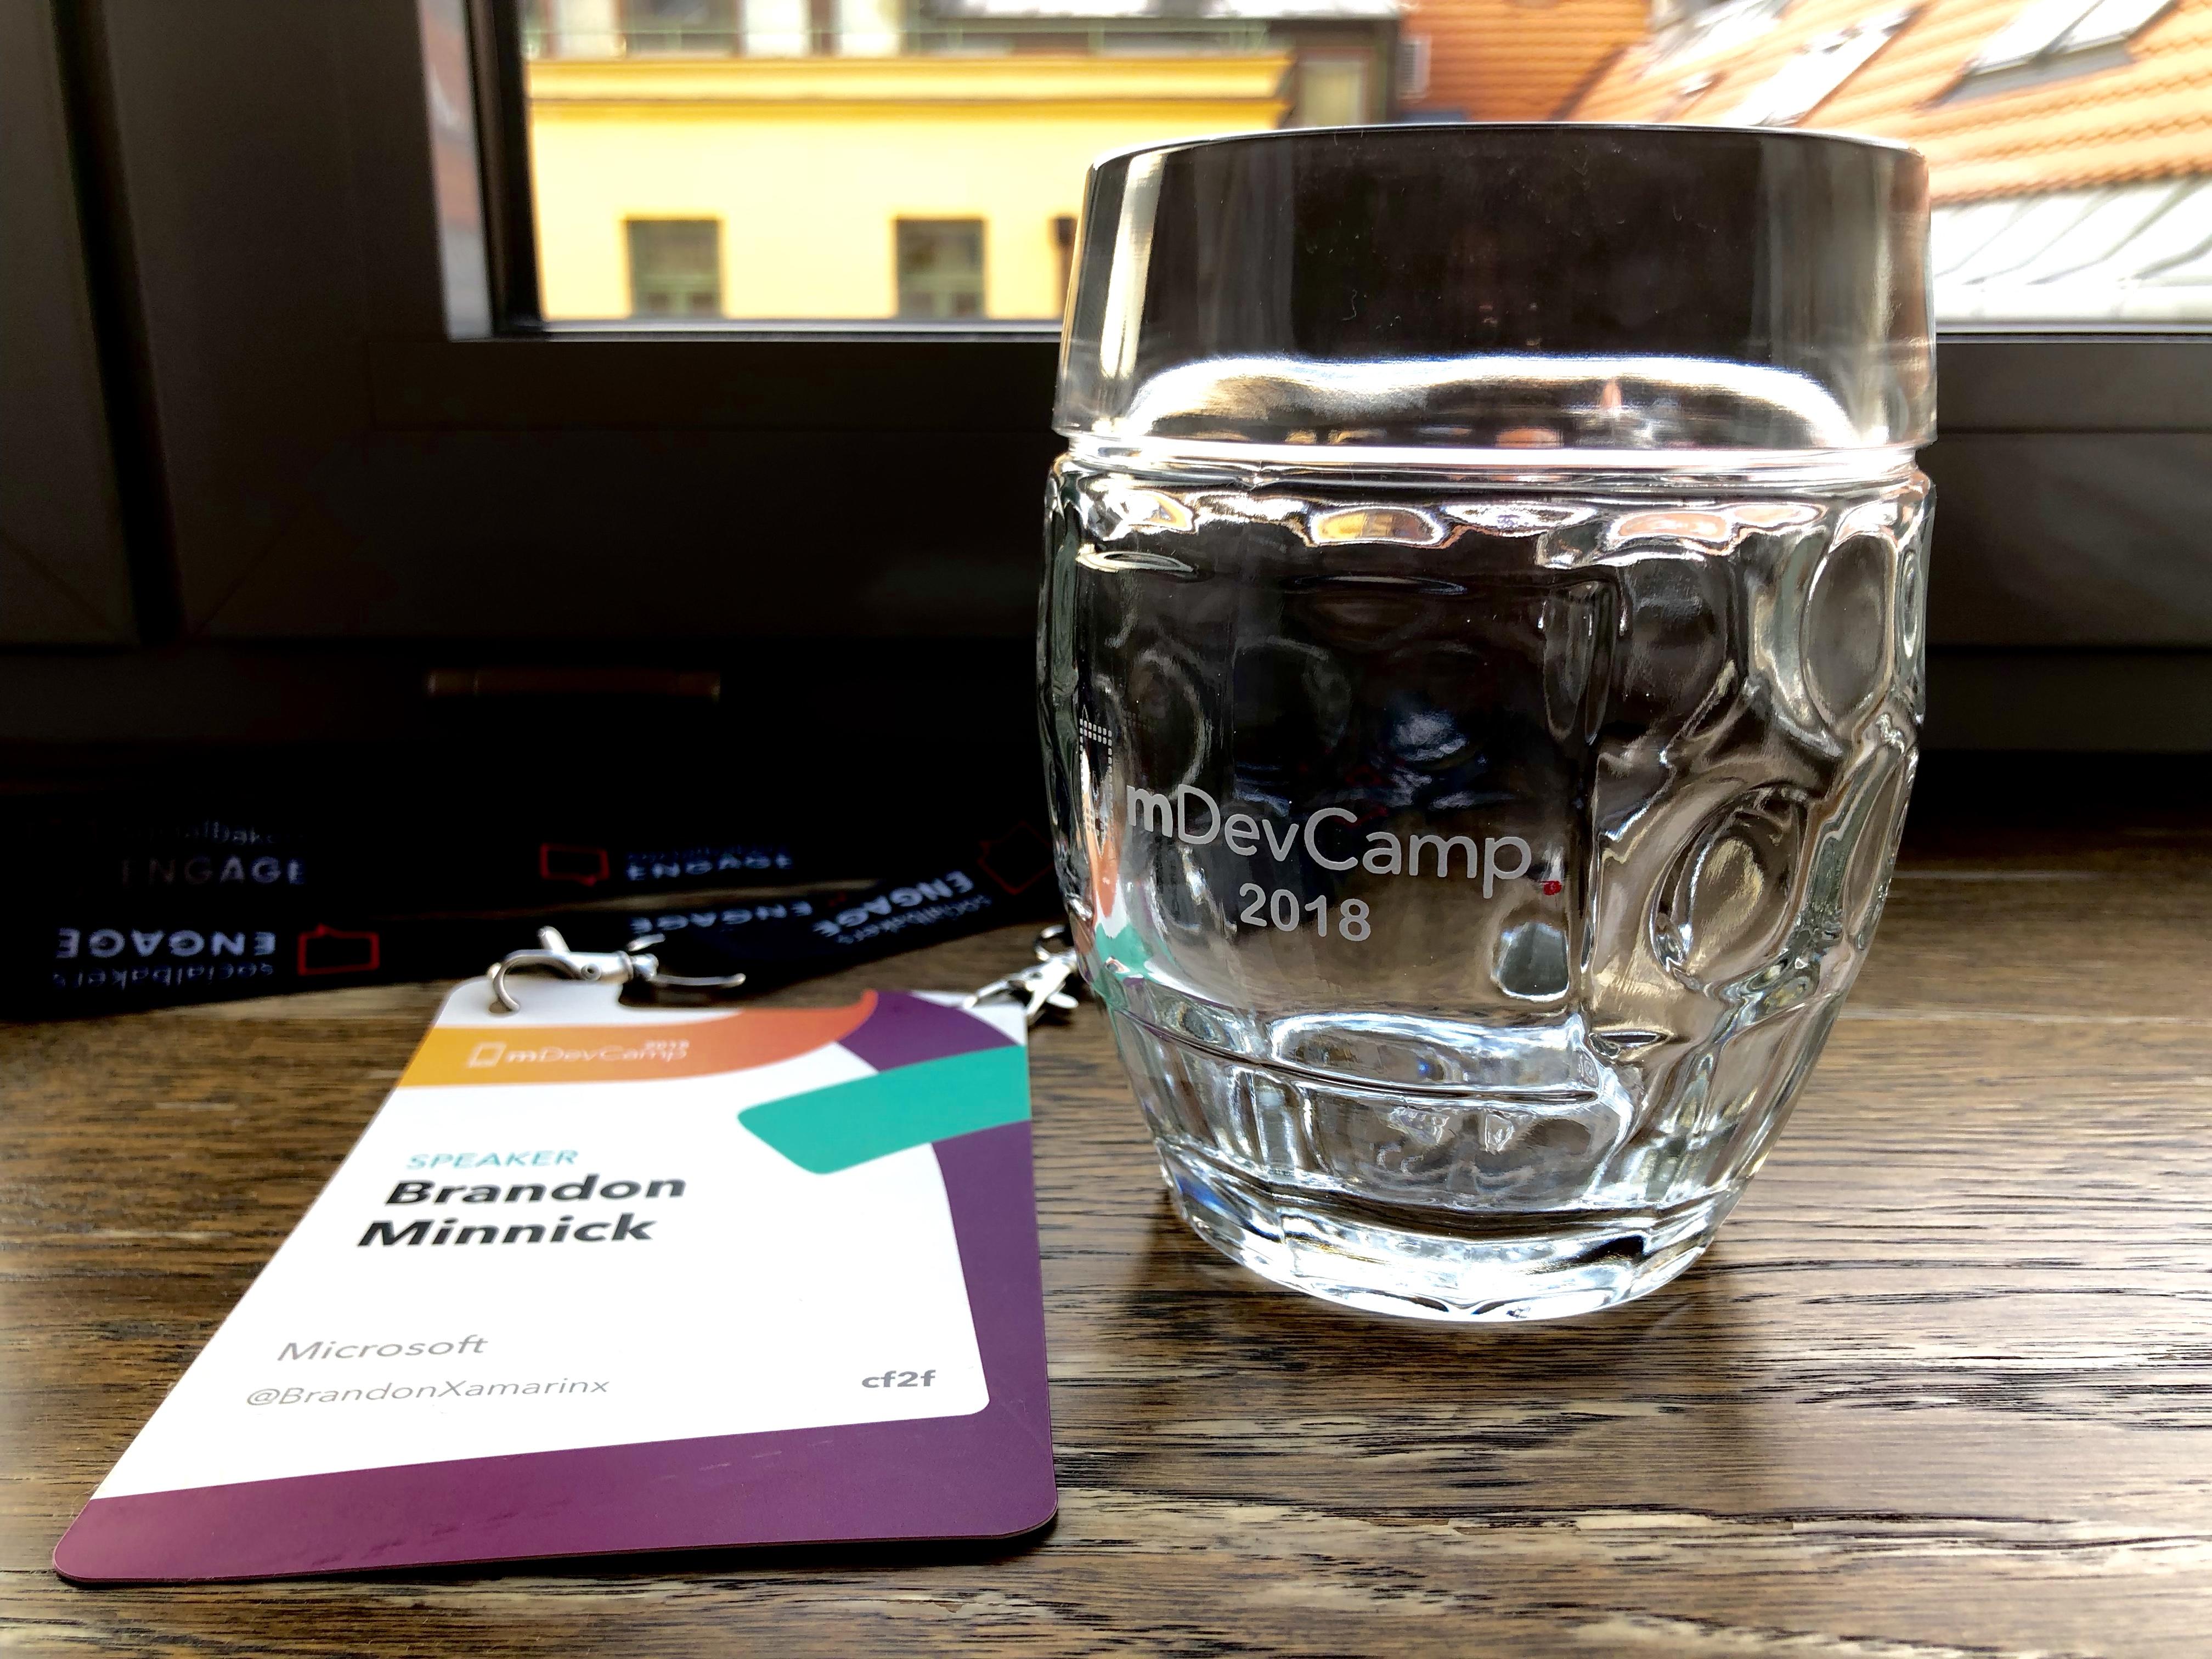 mDevCamp Speaker Gifts